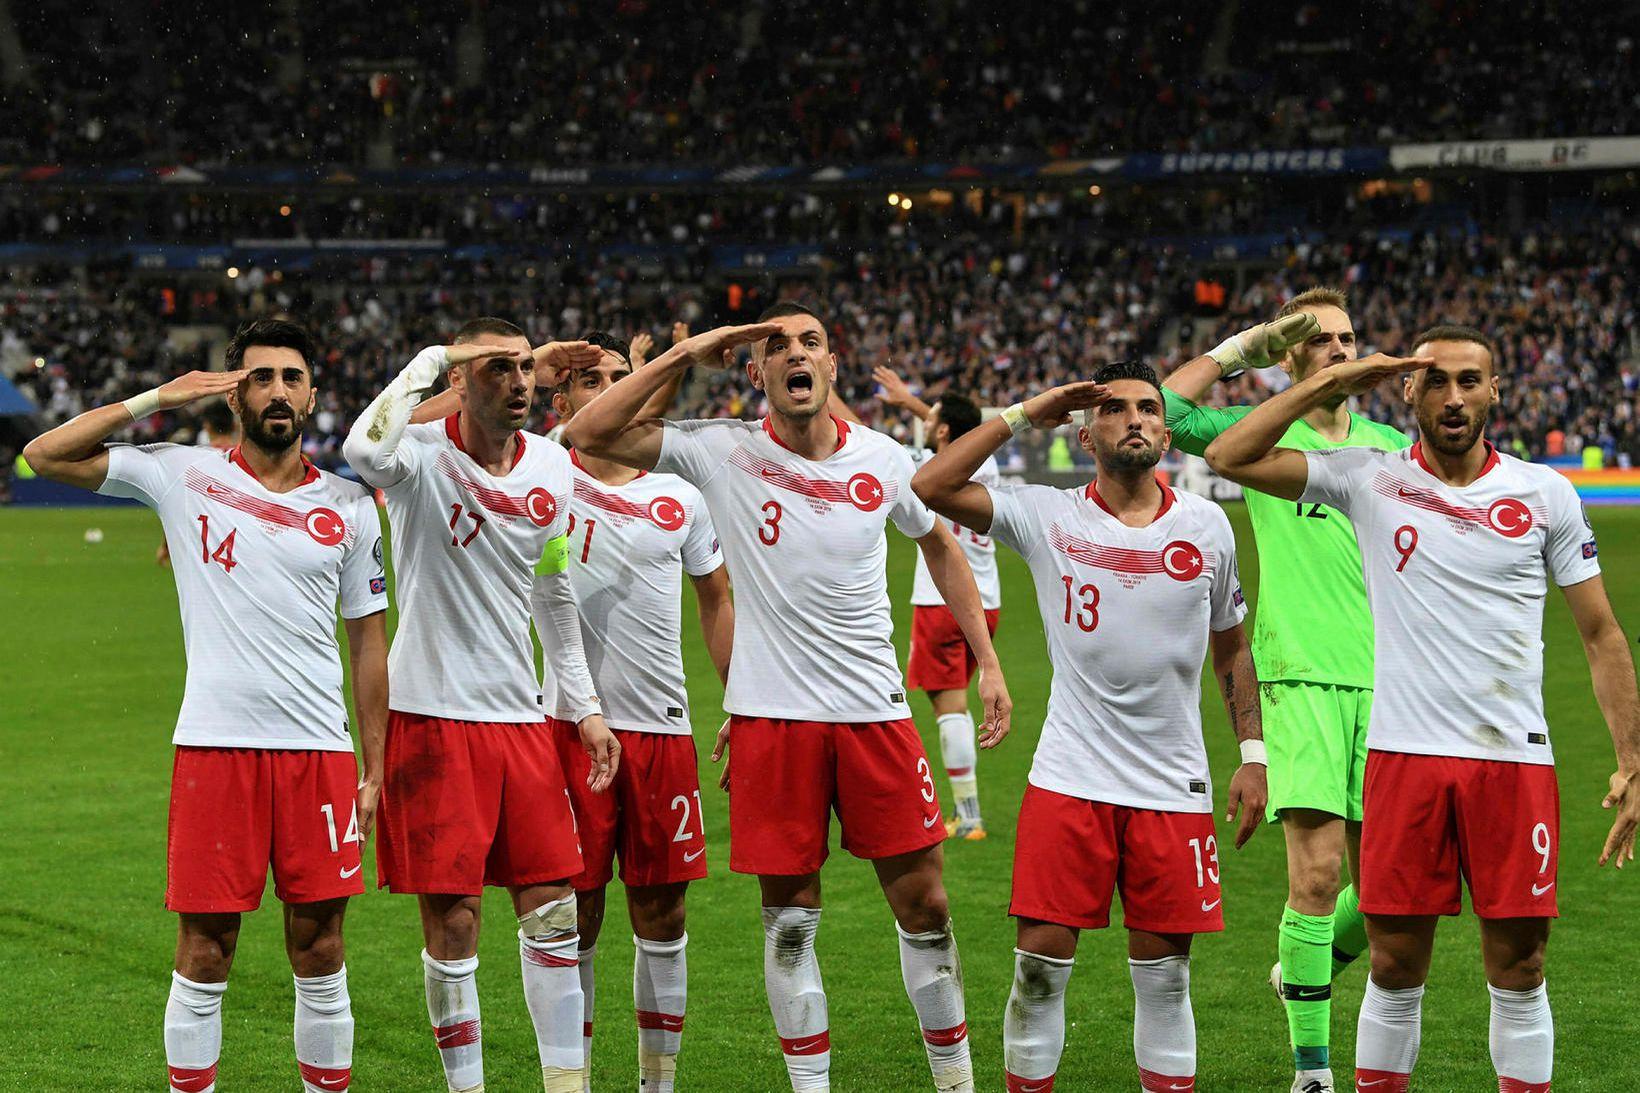 Tyrkir fagna jöfnunarmarkinu gegn Frökkum á Stade de France í …